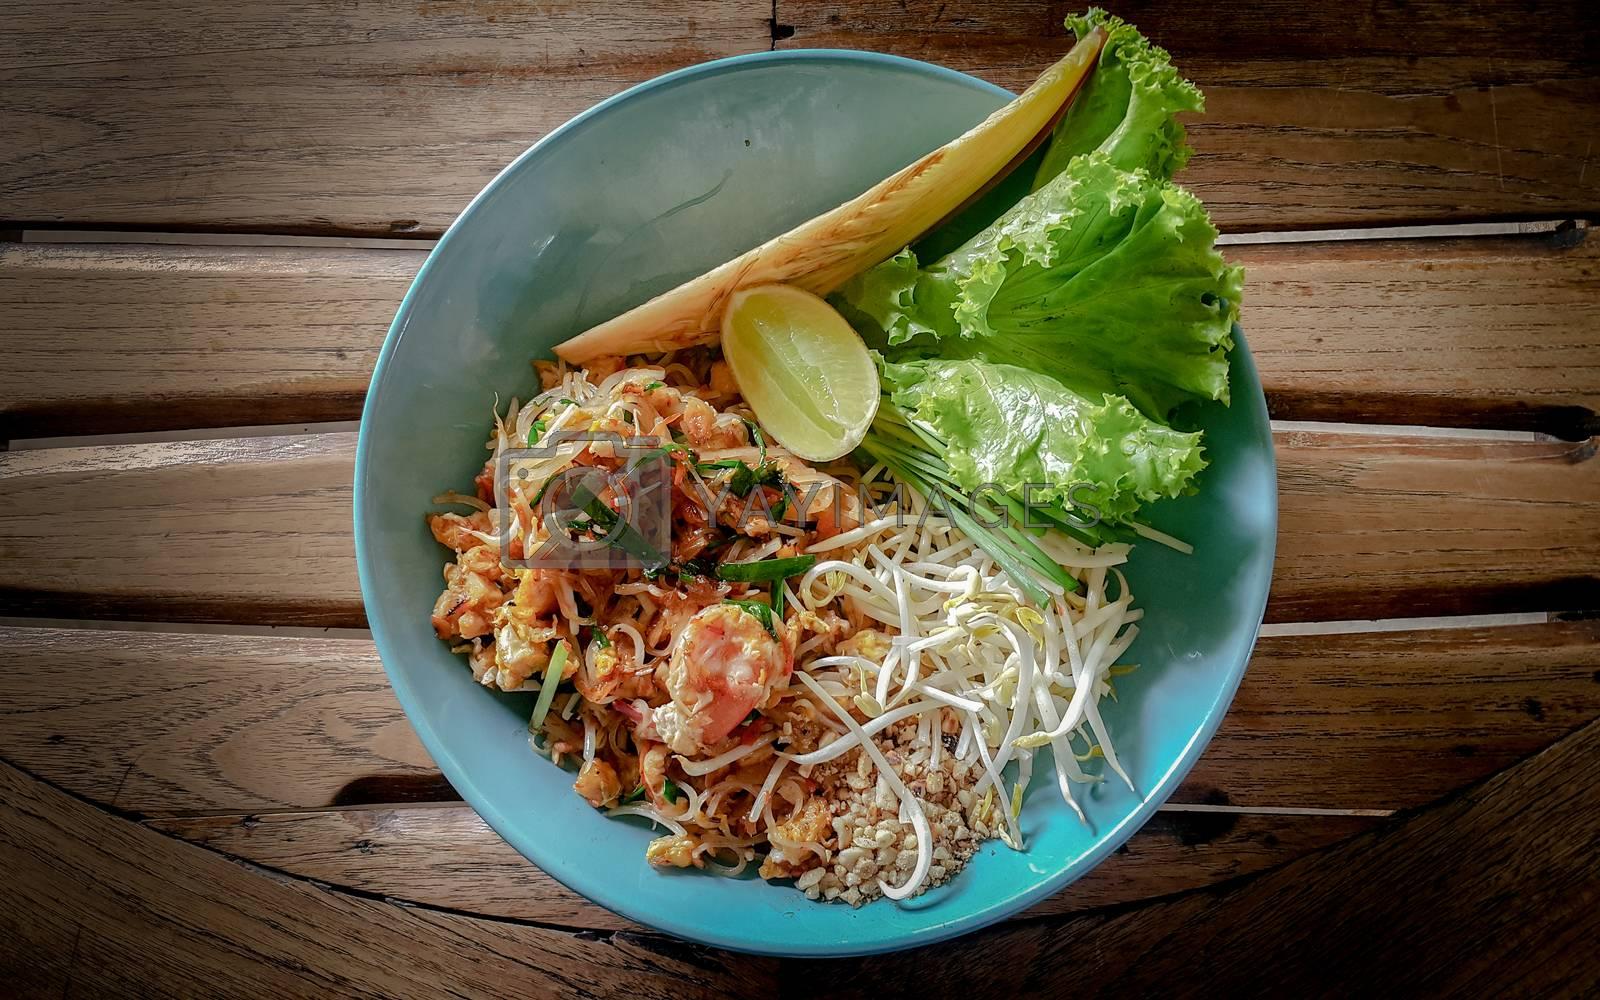 Thai food Pad thai on wood background. by gukgui